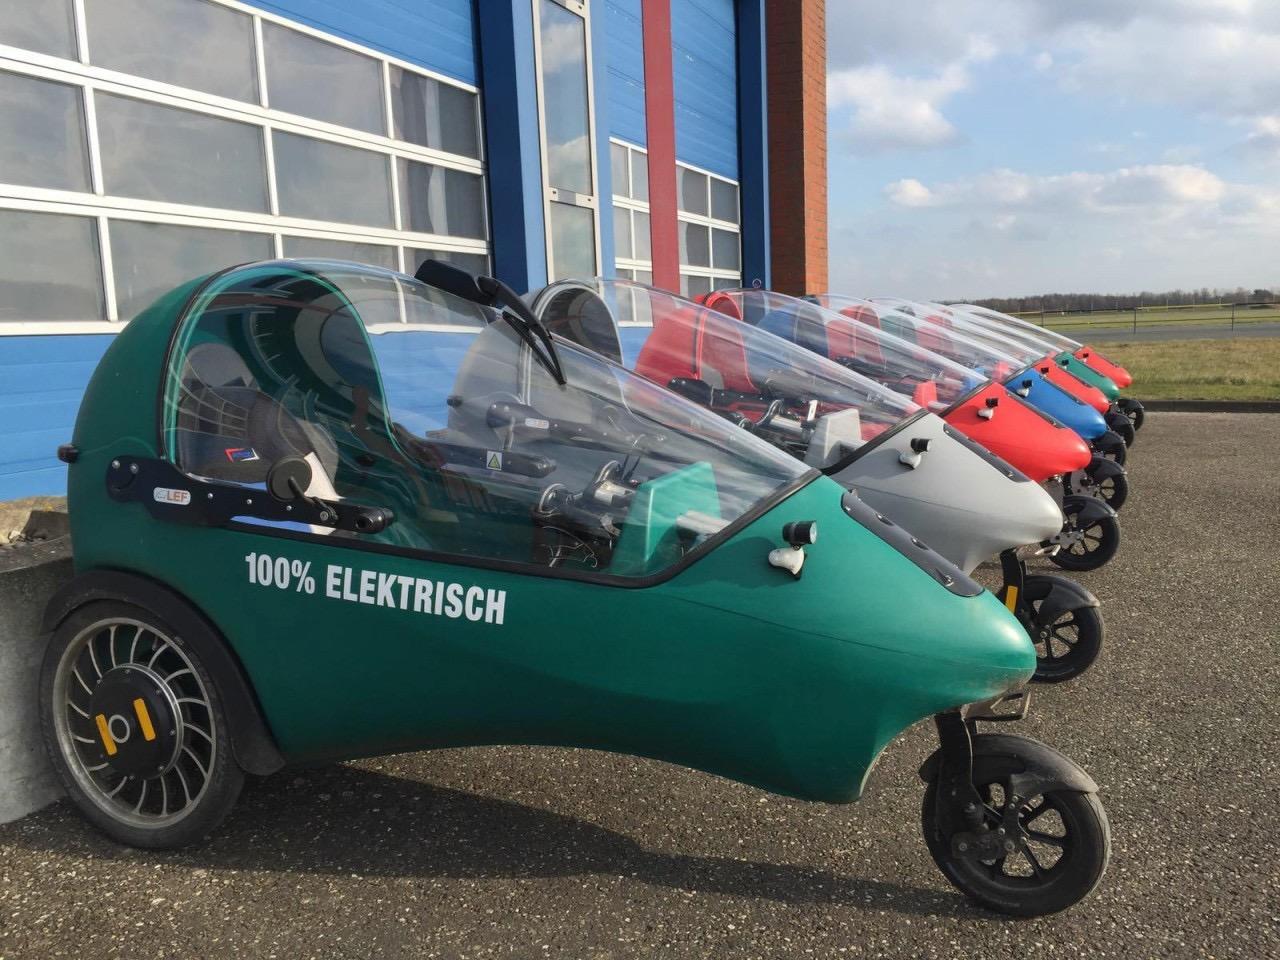 仓式迷你电动车,介于电动自行车和汽车之间的新物种-唯轮网